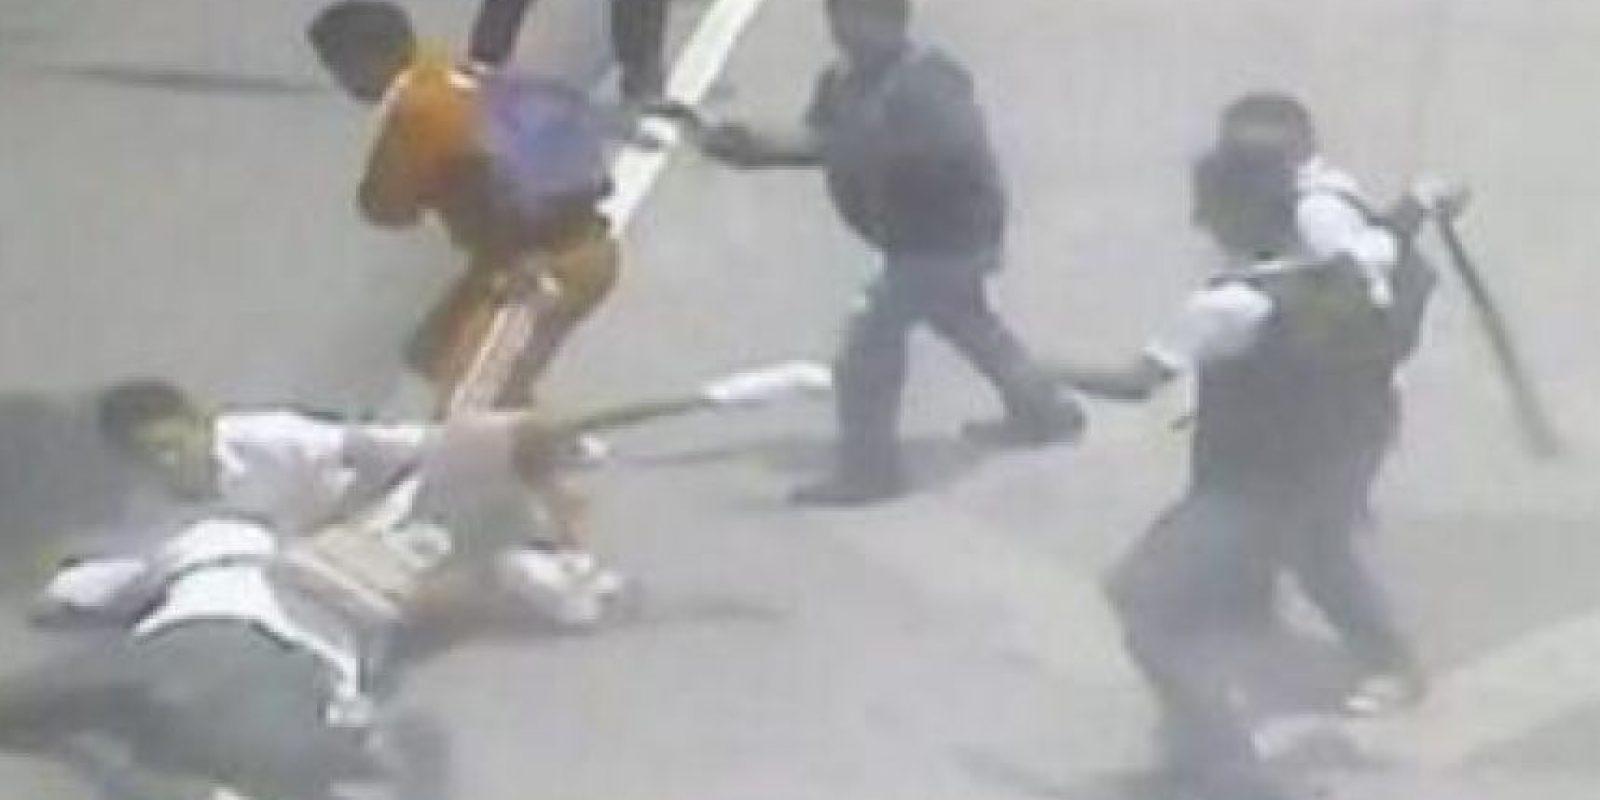 El 23 de abril de 2014 hubo un enfrentamiento en el Paseo de la Sexta que causó la muerte de Melvin Eudiel Casia Monrroy de 17 años. Foto:Archivo